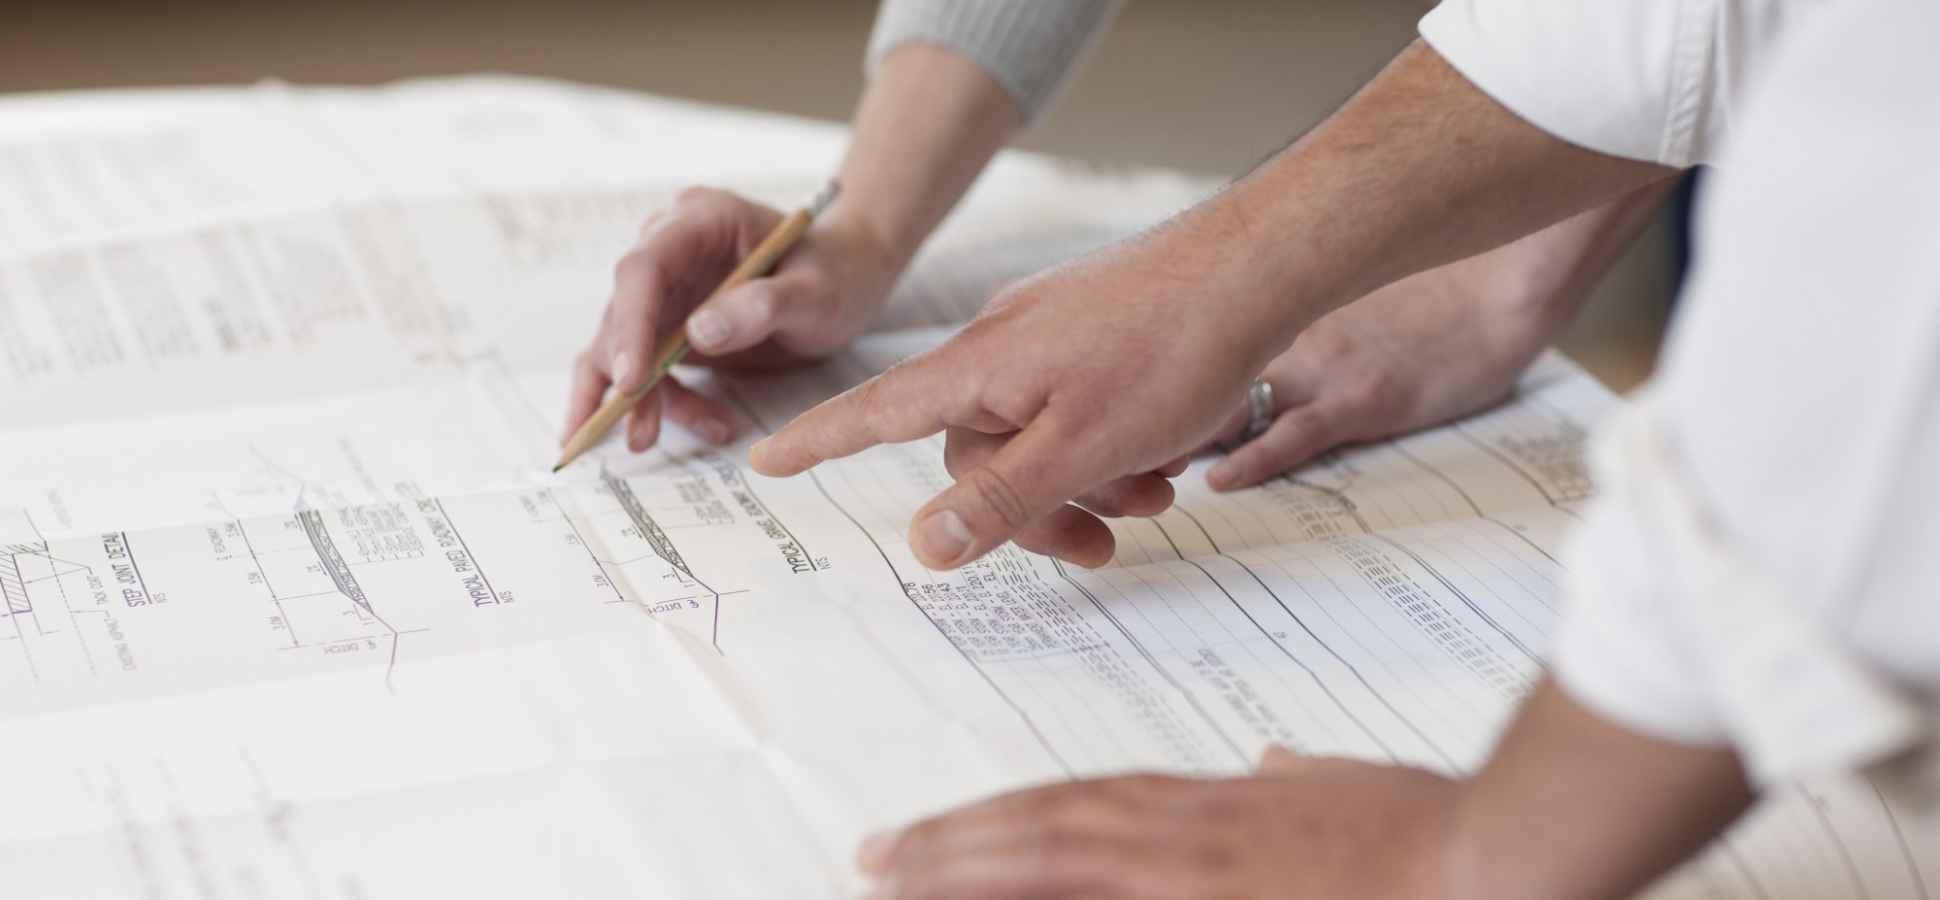 resume templates site forbescom